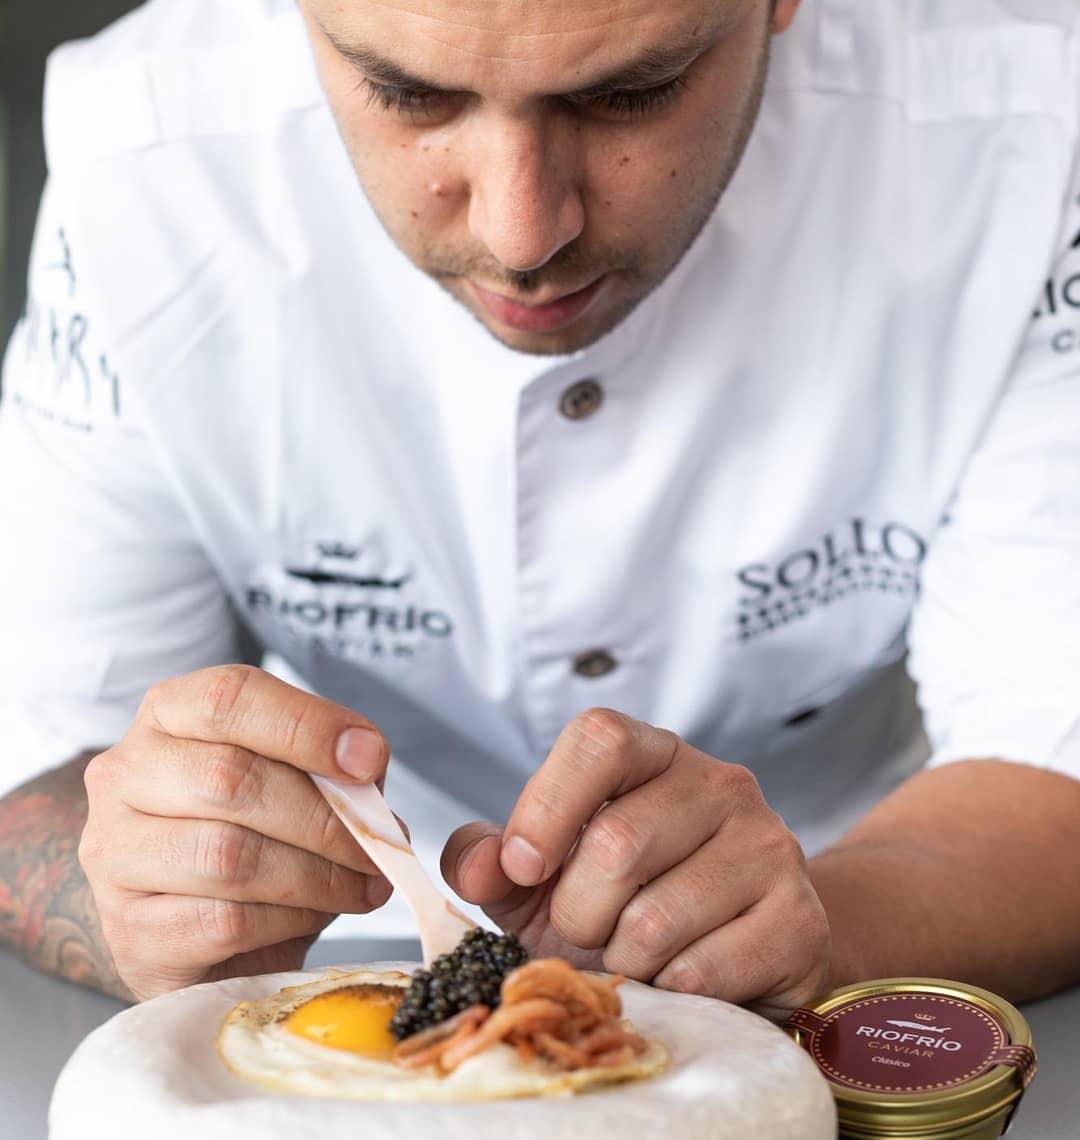 Caviar chef Diego Gallegos